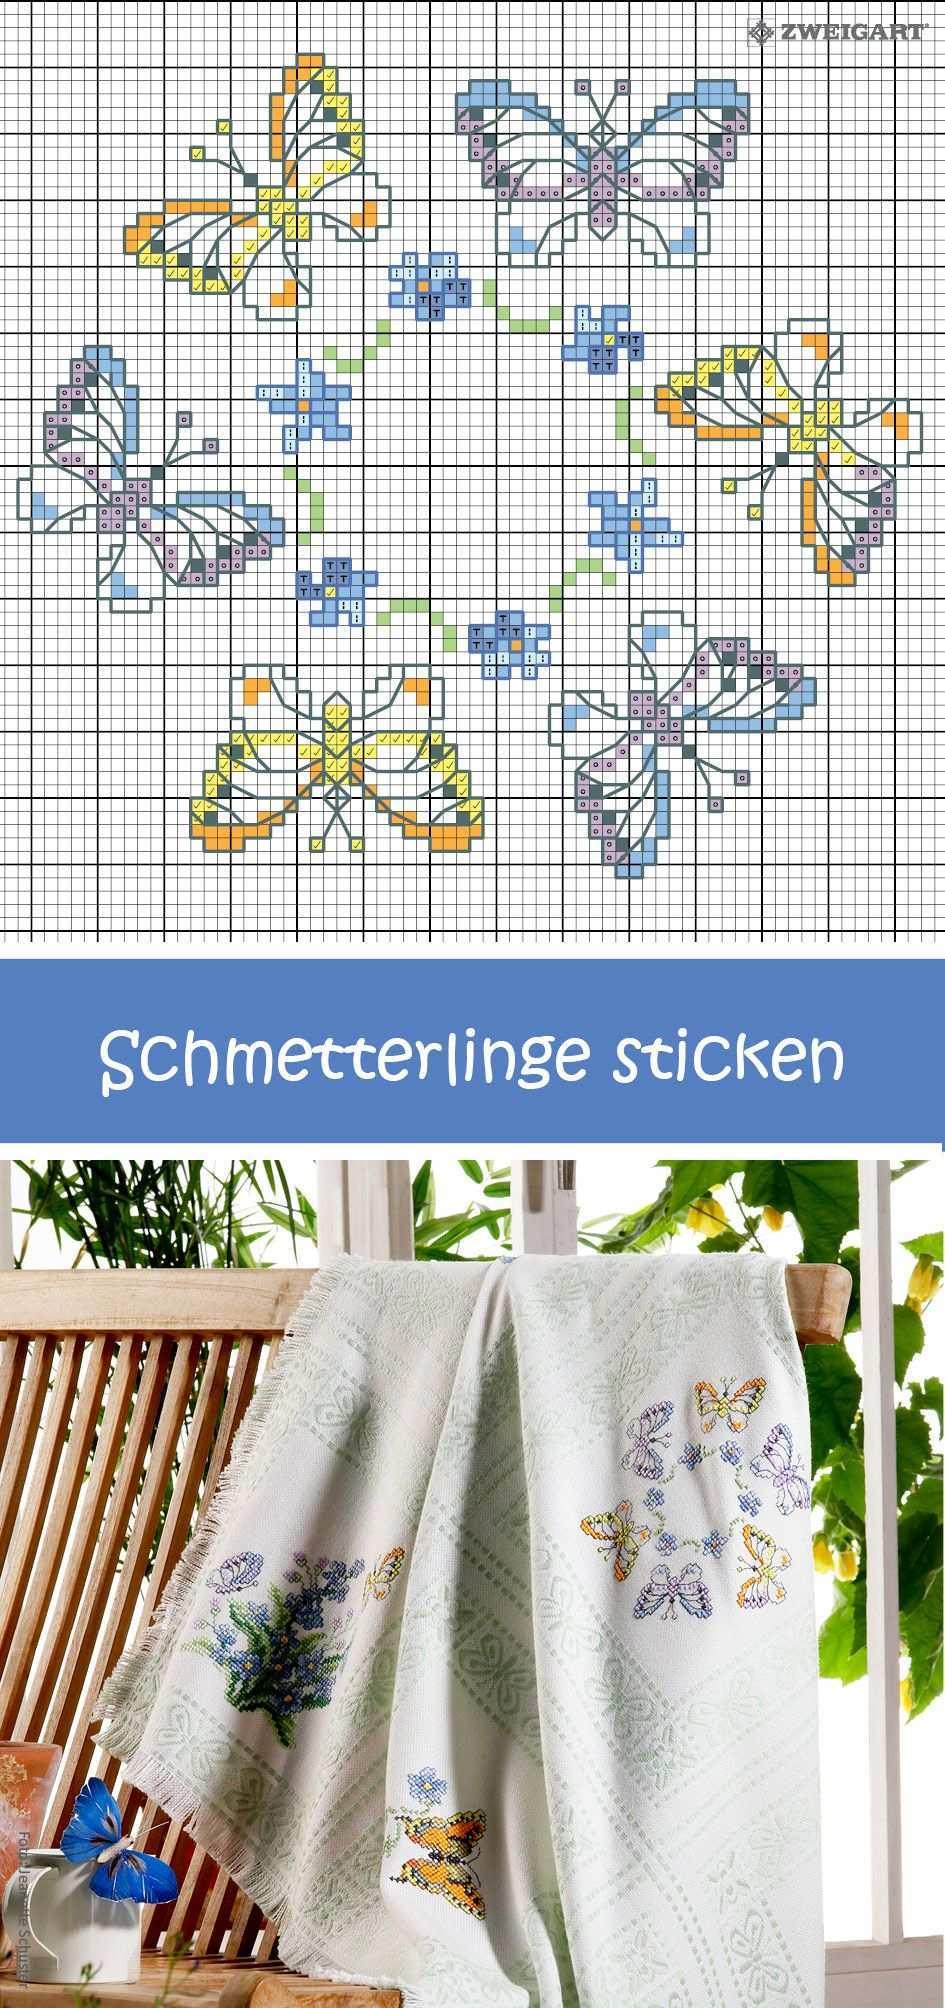 Schmetterlinge Sticken Entdecke Zahlreiche Kostenlose Charts Zum Sticken Sticken Kreuzstich Kreuzstich Tiere Kreuzstichblumen